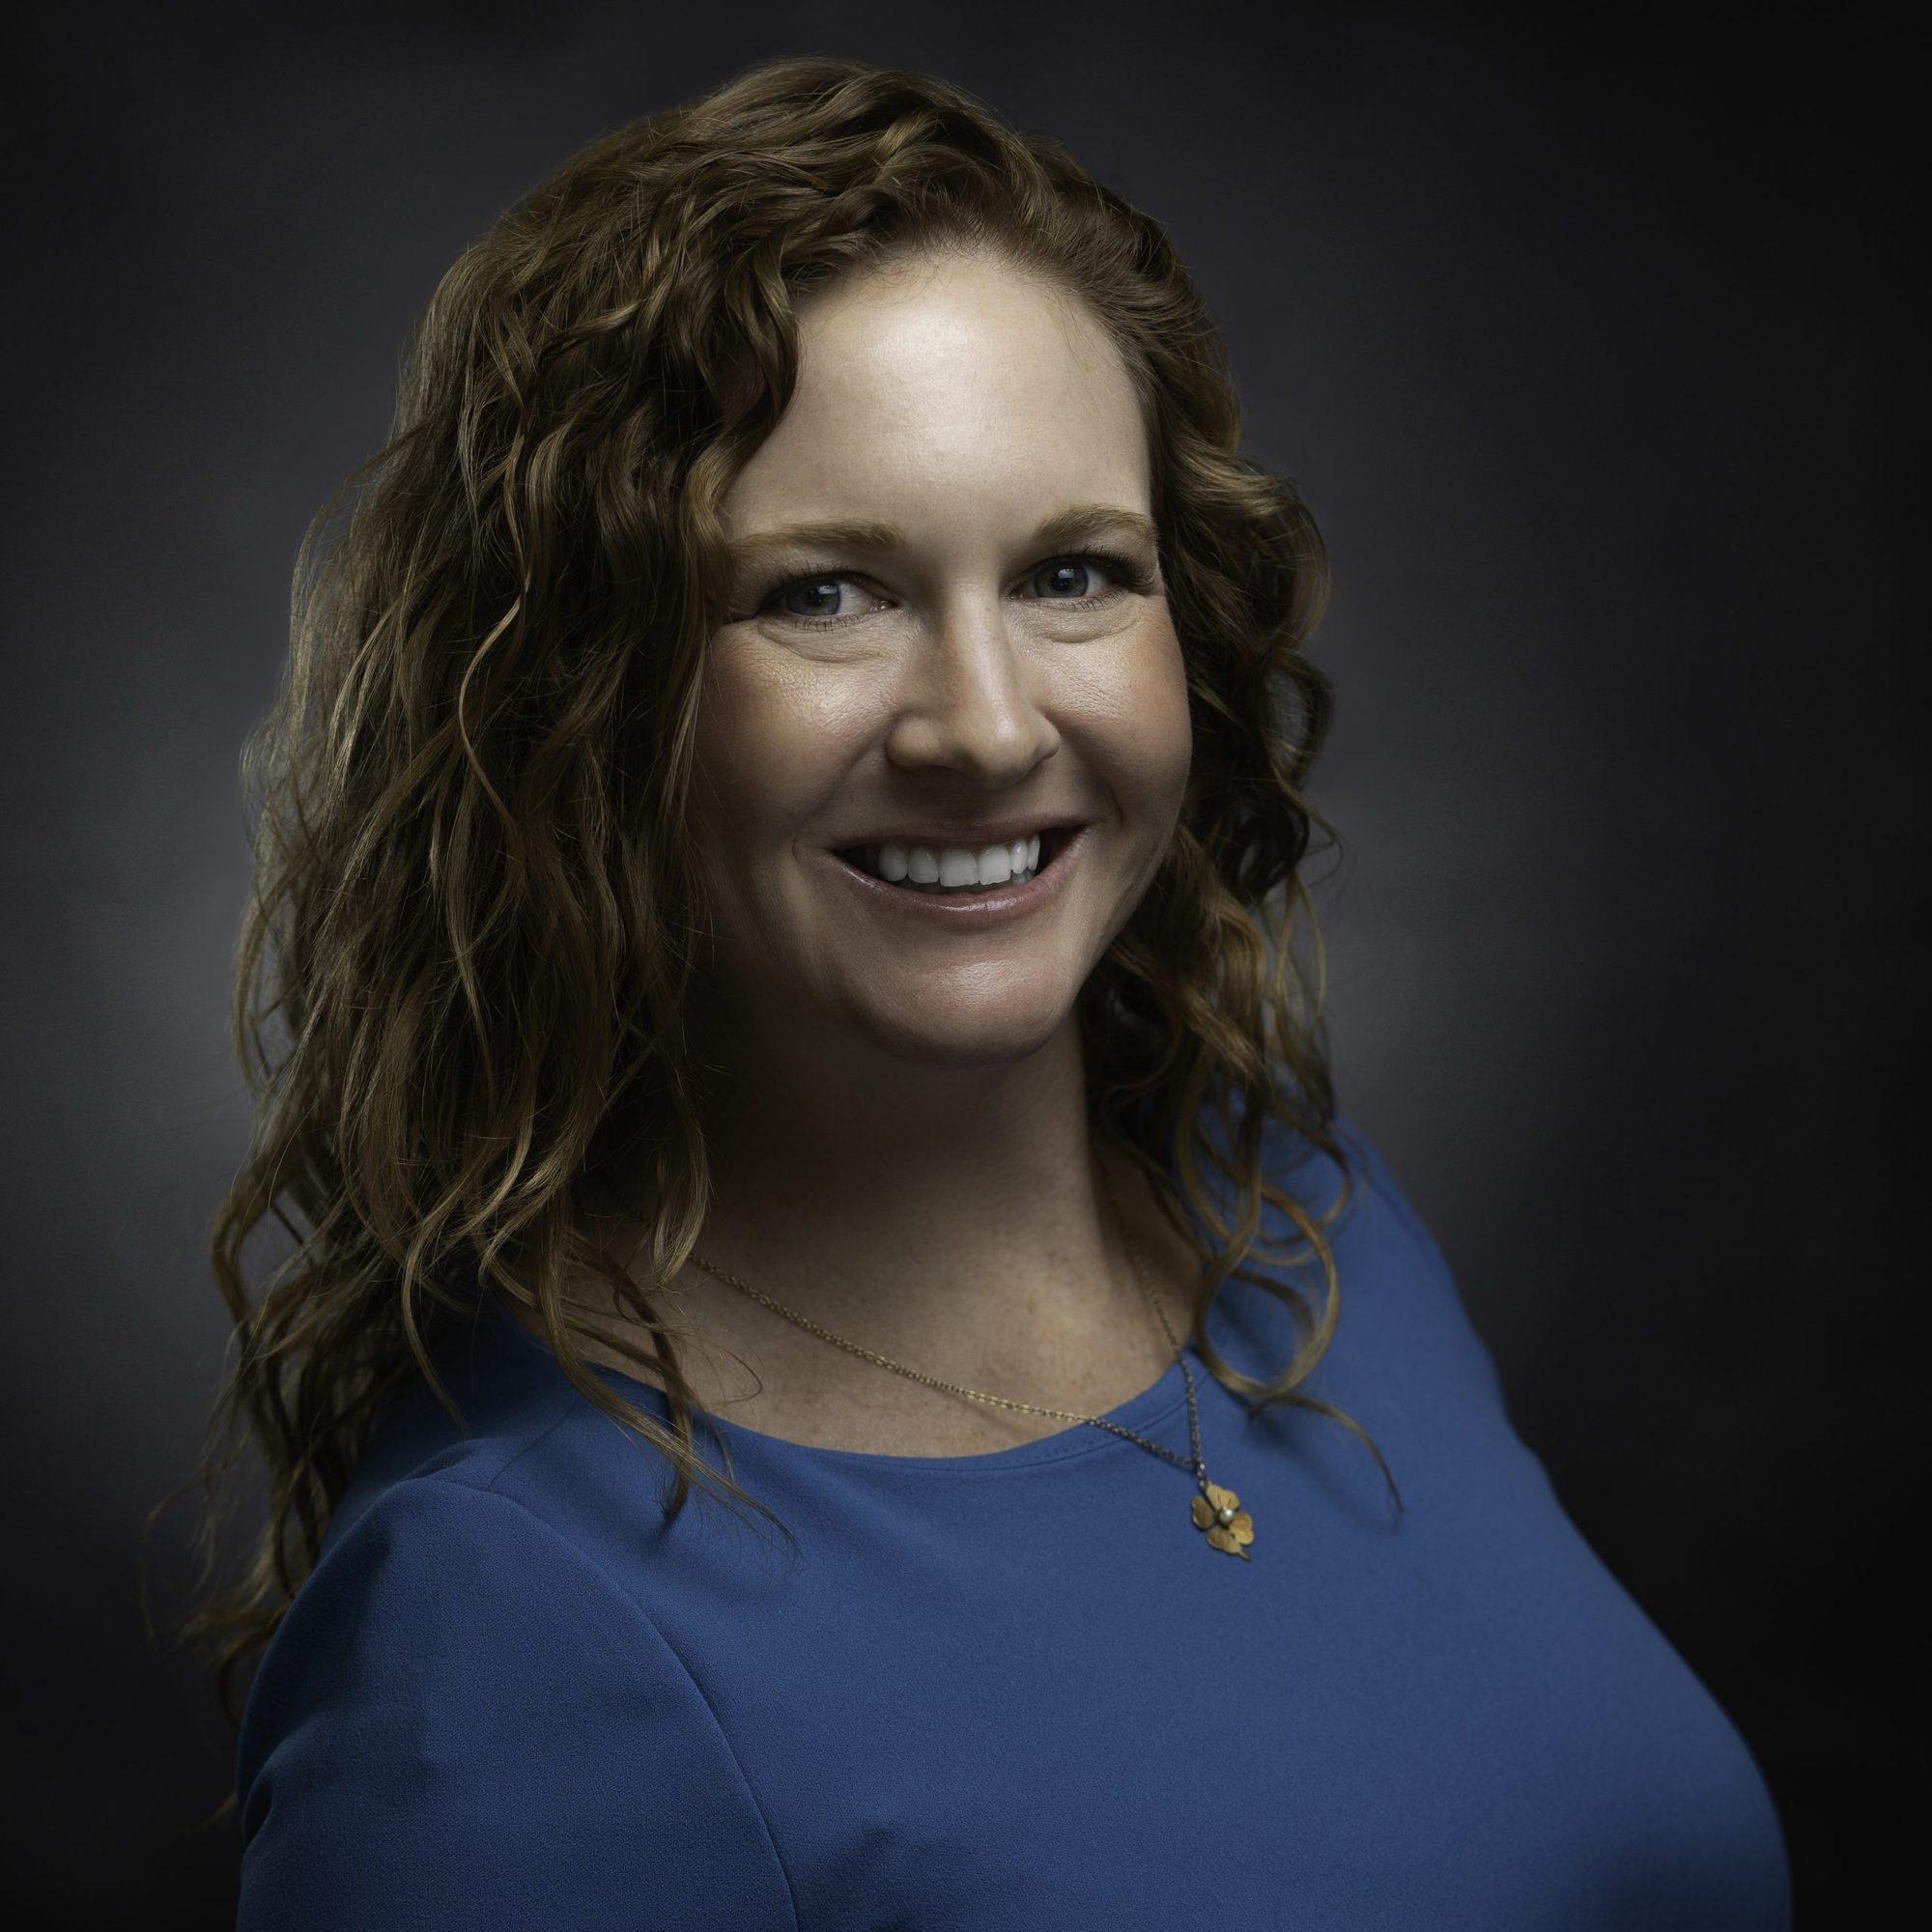 Meredith Egan